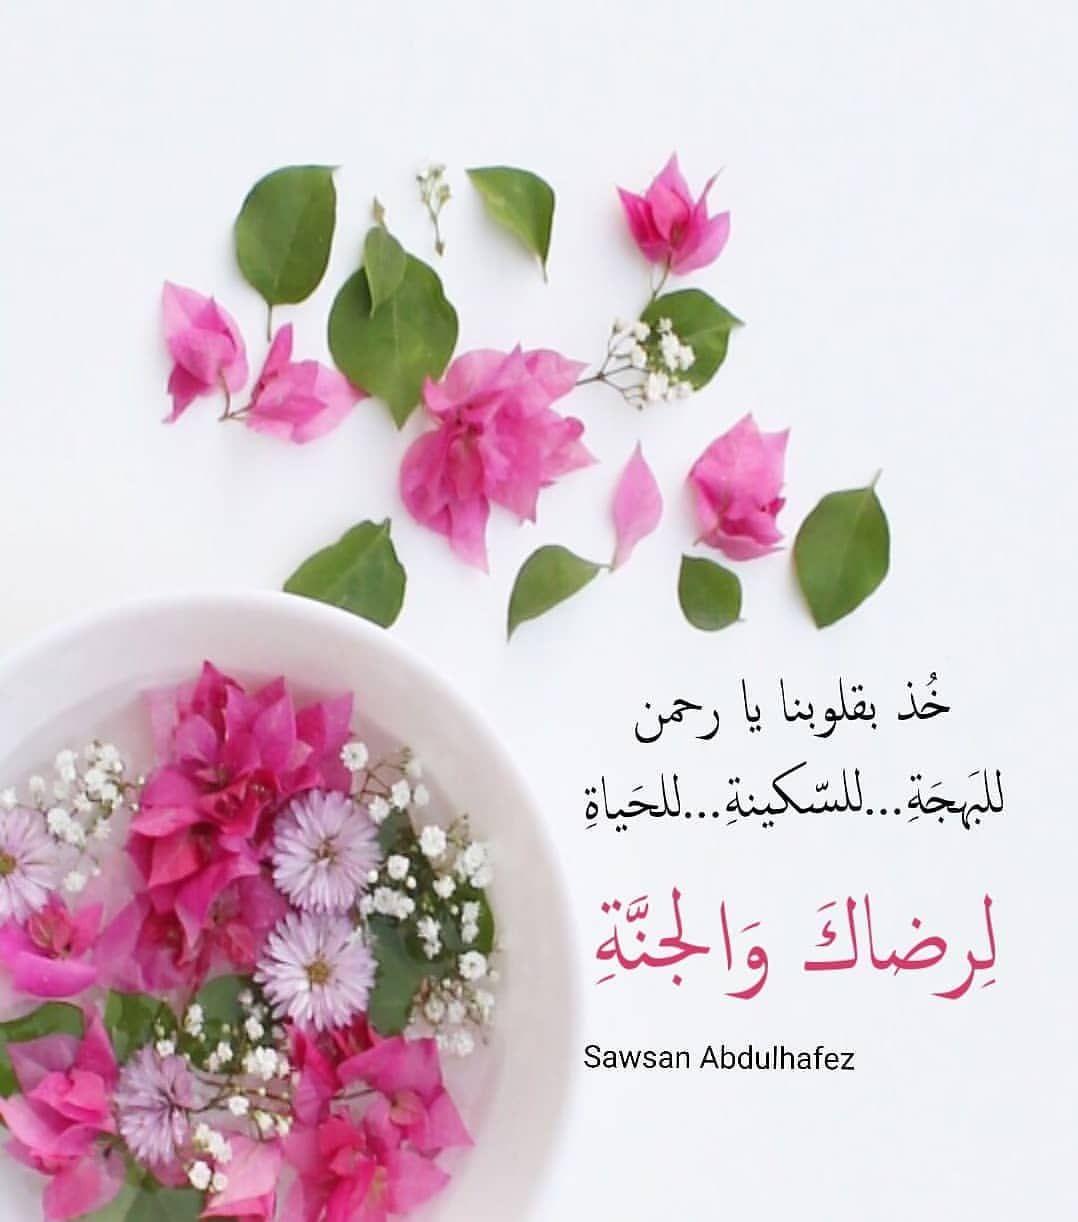 لولا أن أشق على أمتى لآمرتهم ب السواك Islam Beliefs Islam Facts Islam Hadith